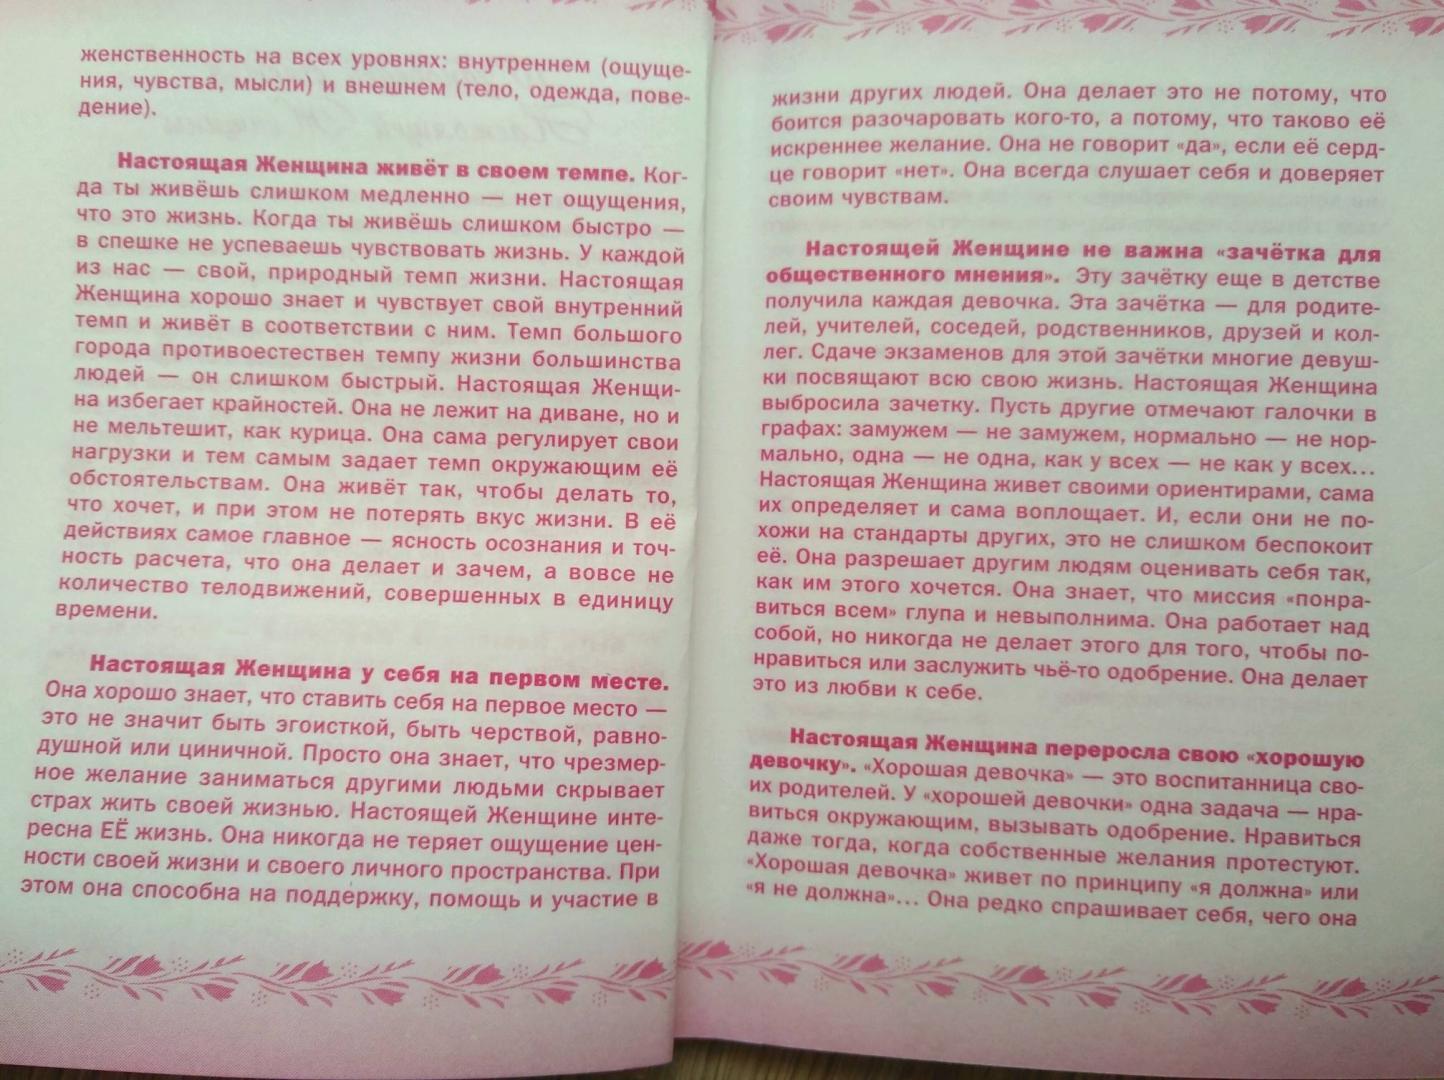 Иллюстрация 3 из 3 для 10 заповедей для Настоящей Женщины. Книга-тренинг - Юлия Свияш   Лабиринт - книги. Источник: Савчук Ирина